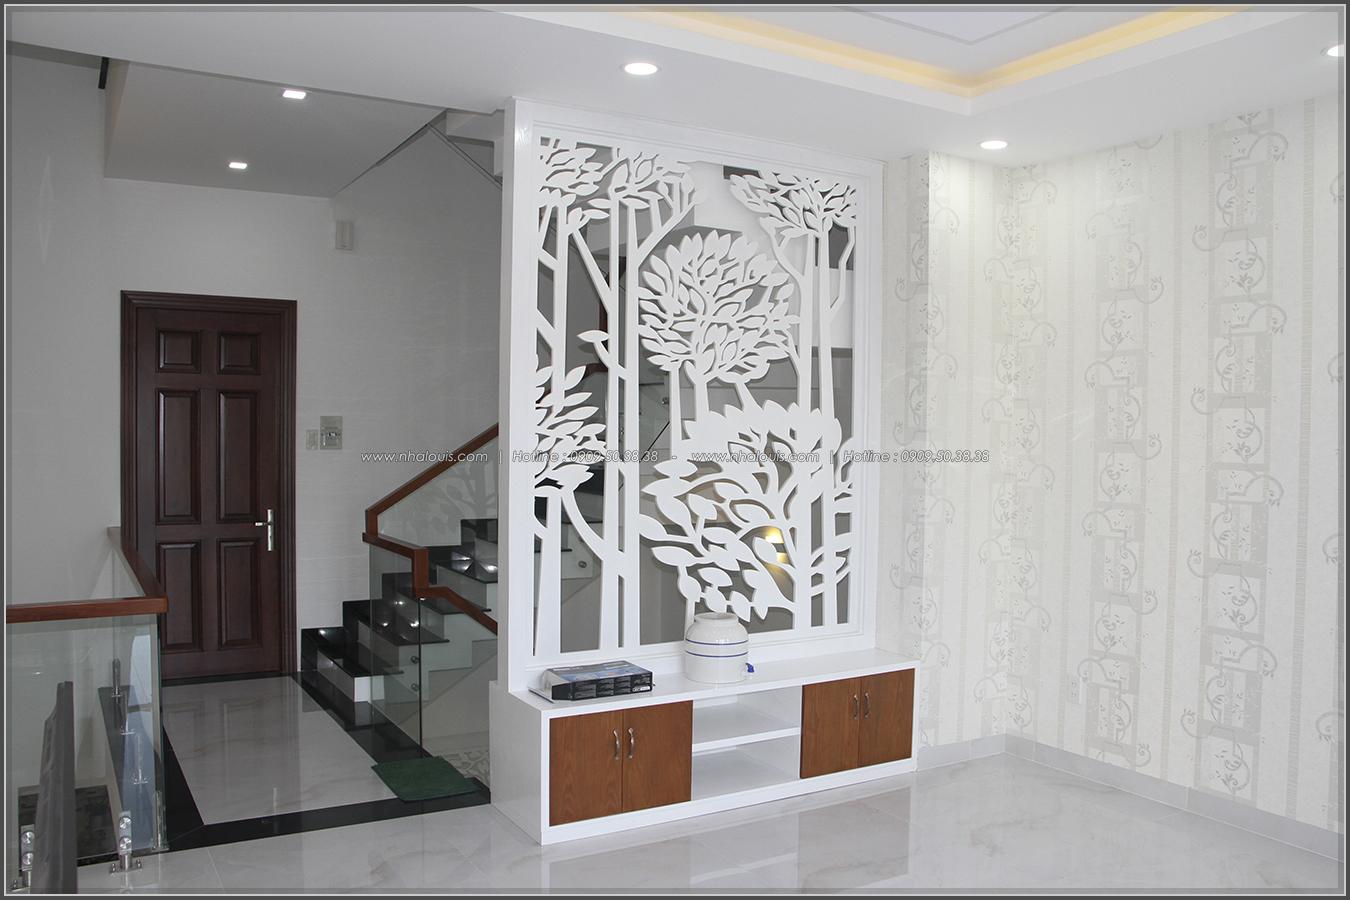 Thi công xây dựng nhà phố phong cách hiện đại cao 3 tầng tại Tân Phú - 11